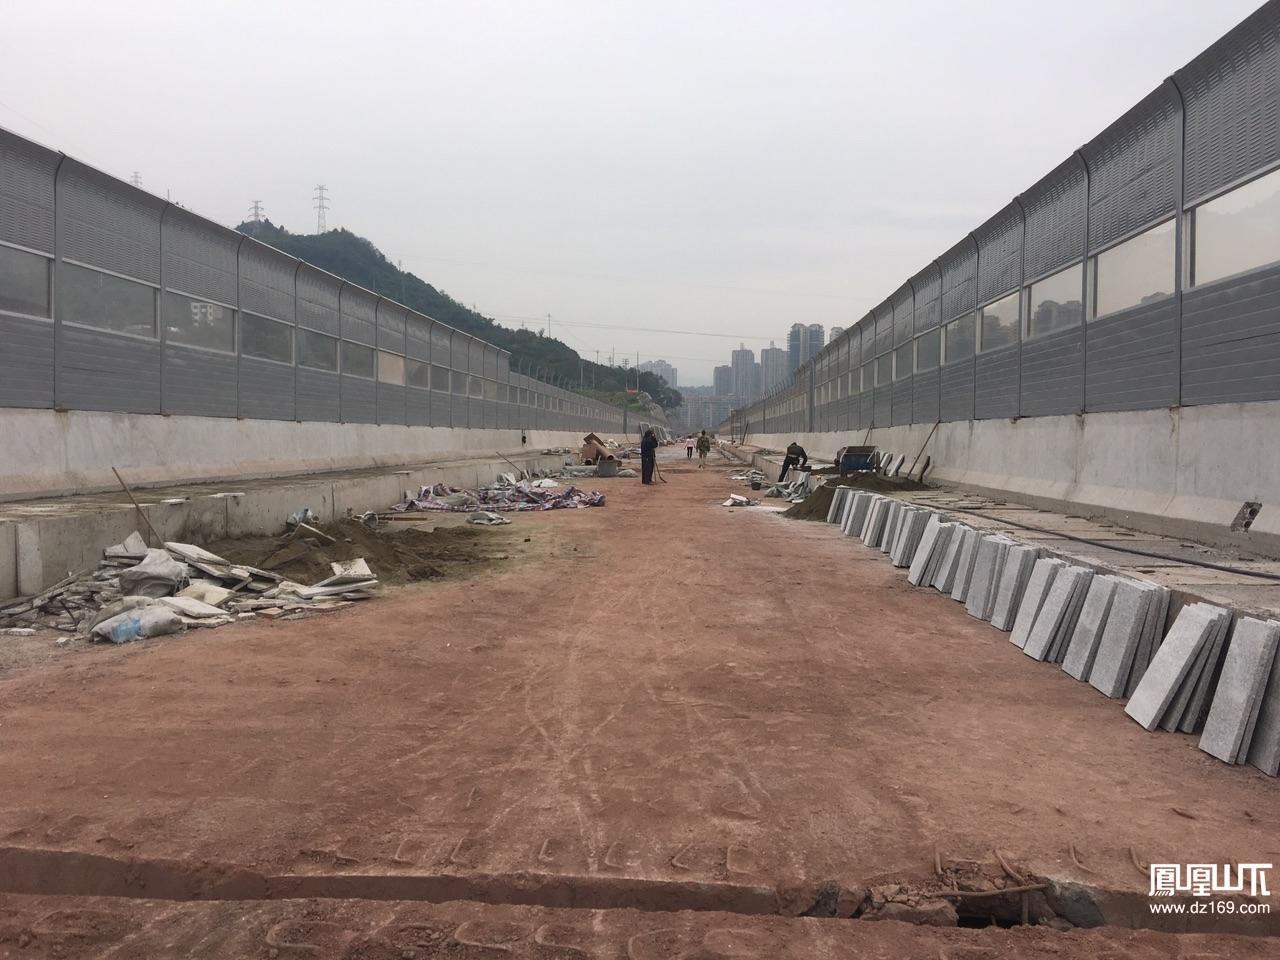 凤凰山山前路东段建设进入最后冲刺阶段吴家沟大桥即将